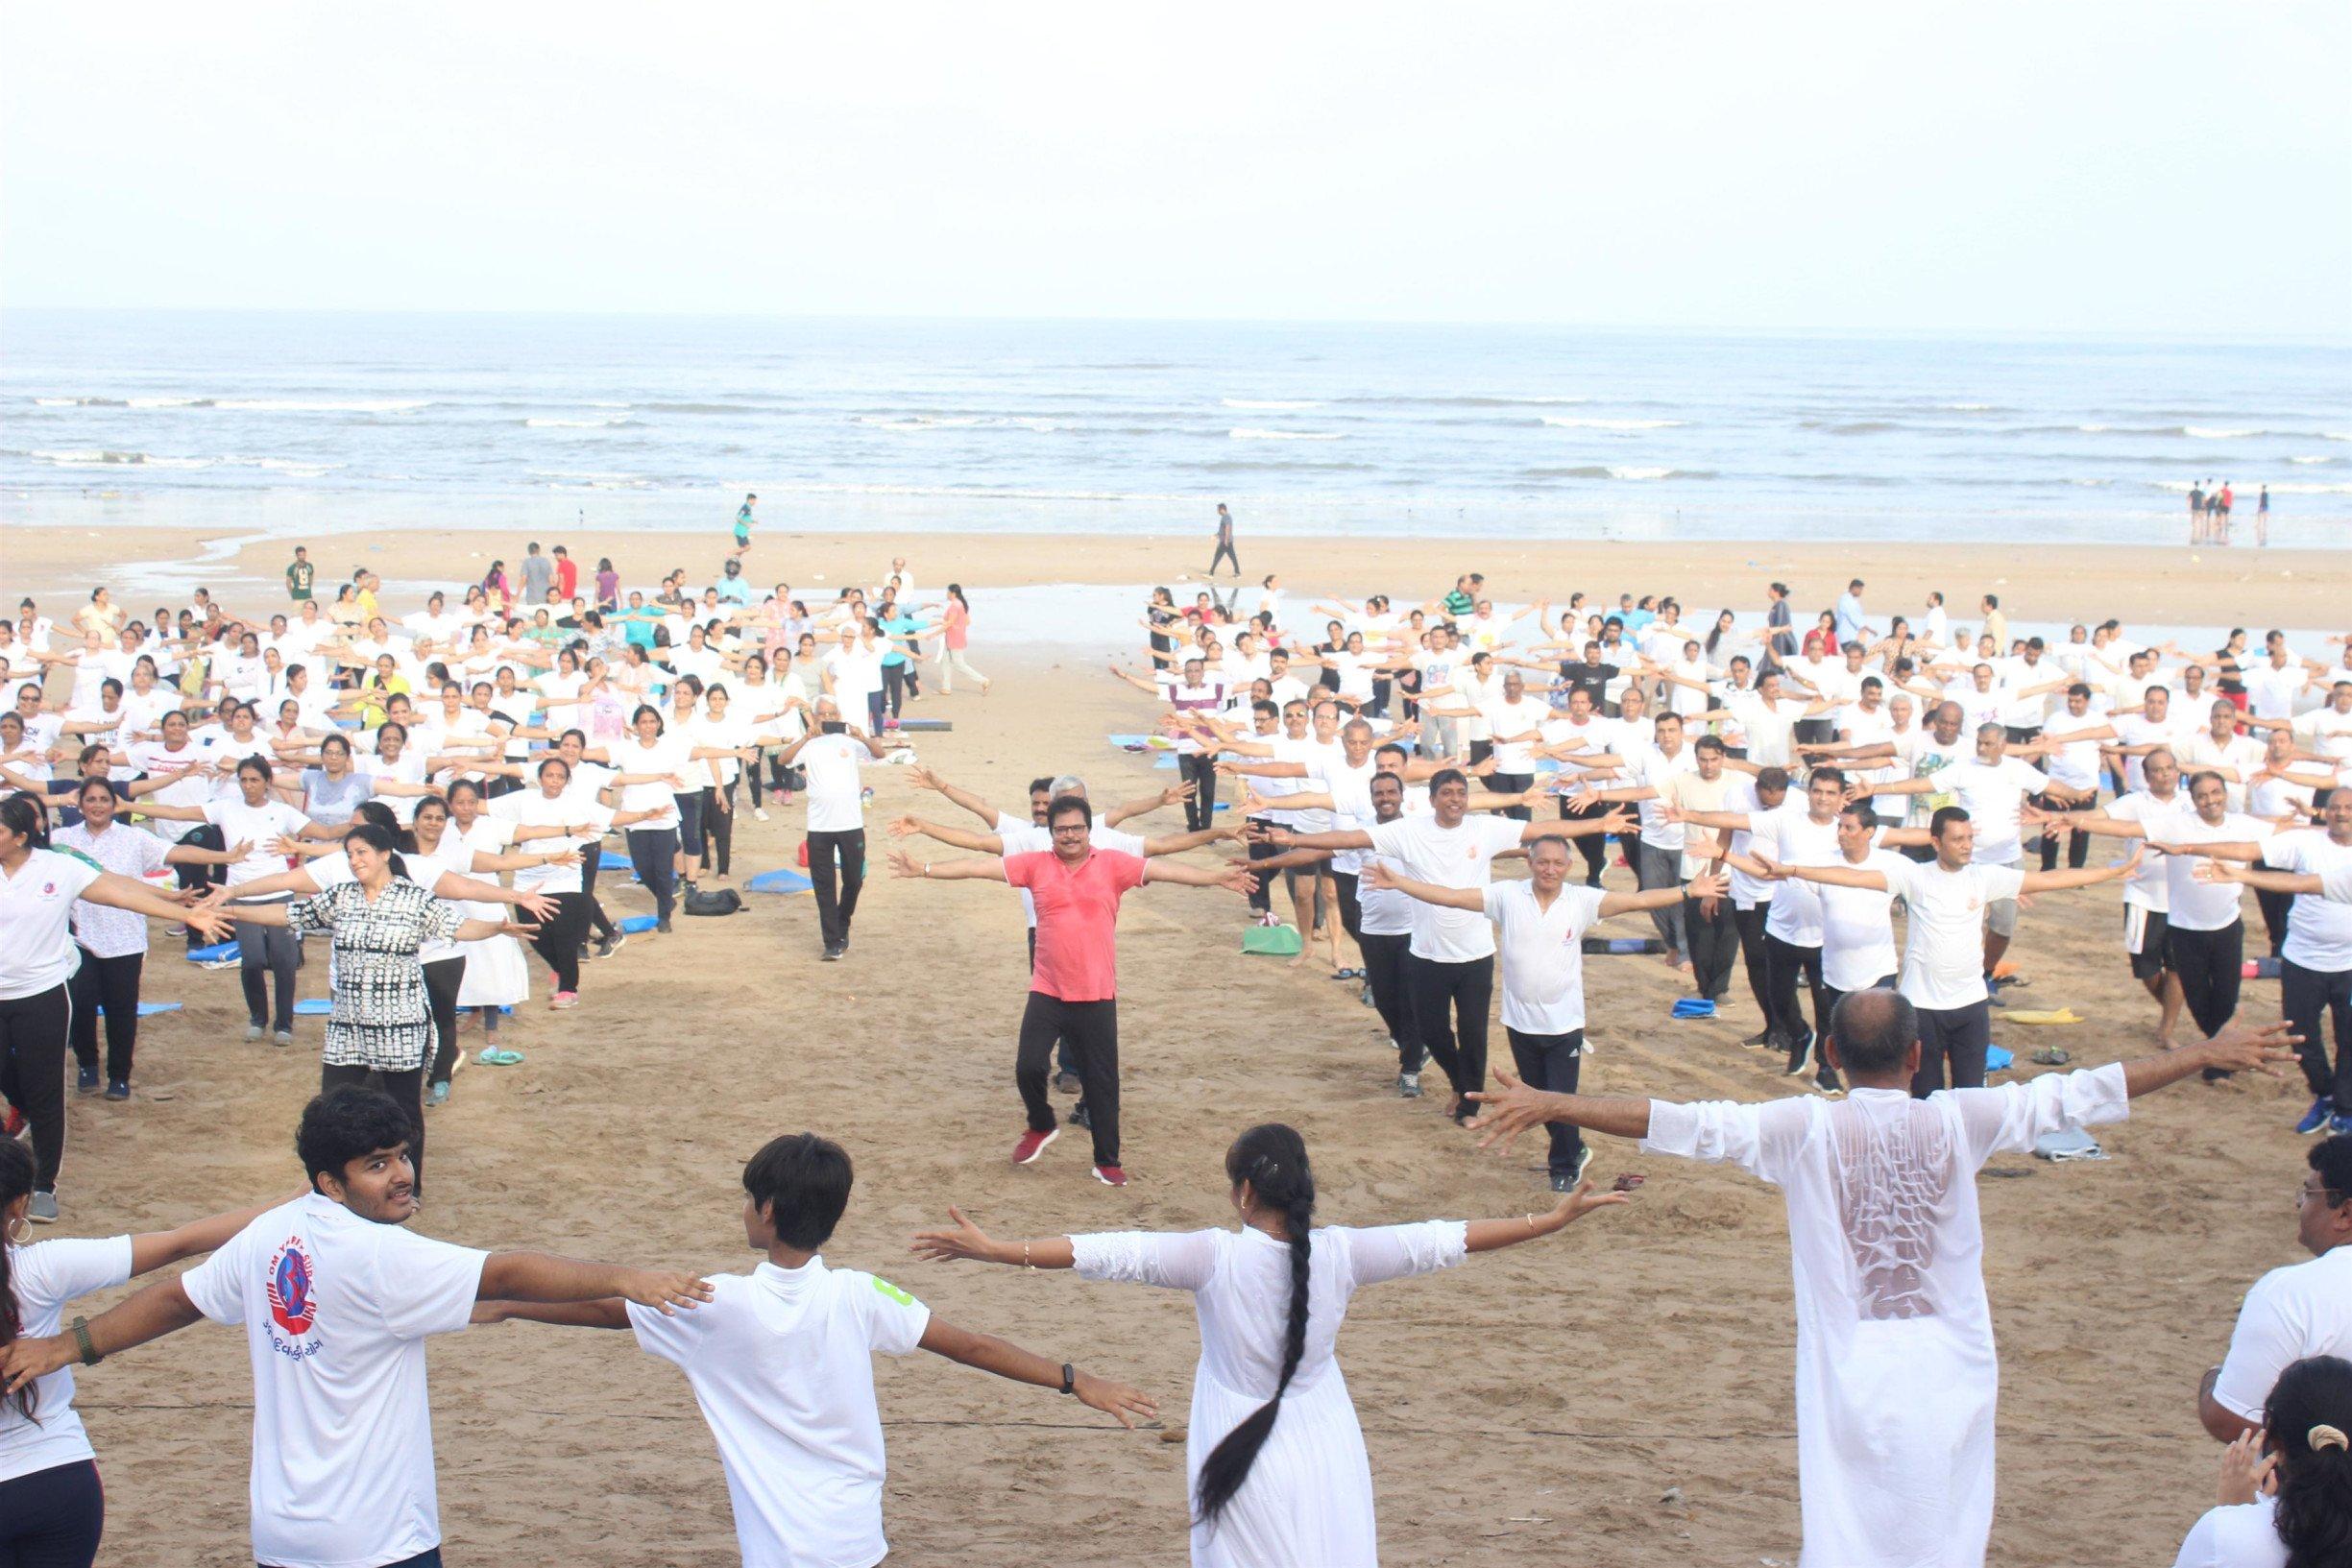 'अंतरराष्ट्रीय योग दिवस' पर शैलेश लोढ़ा और असित मोदी  का दर्शकों को हेल्थ से जुड़ा संदेश!